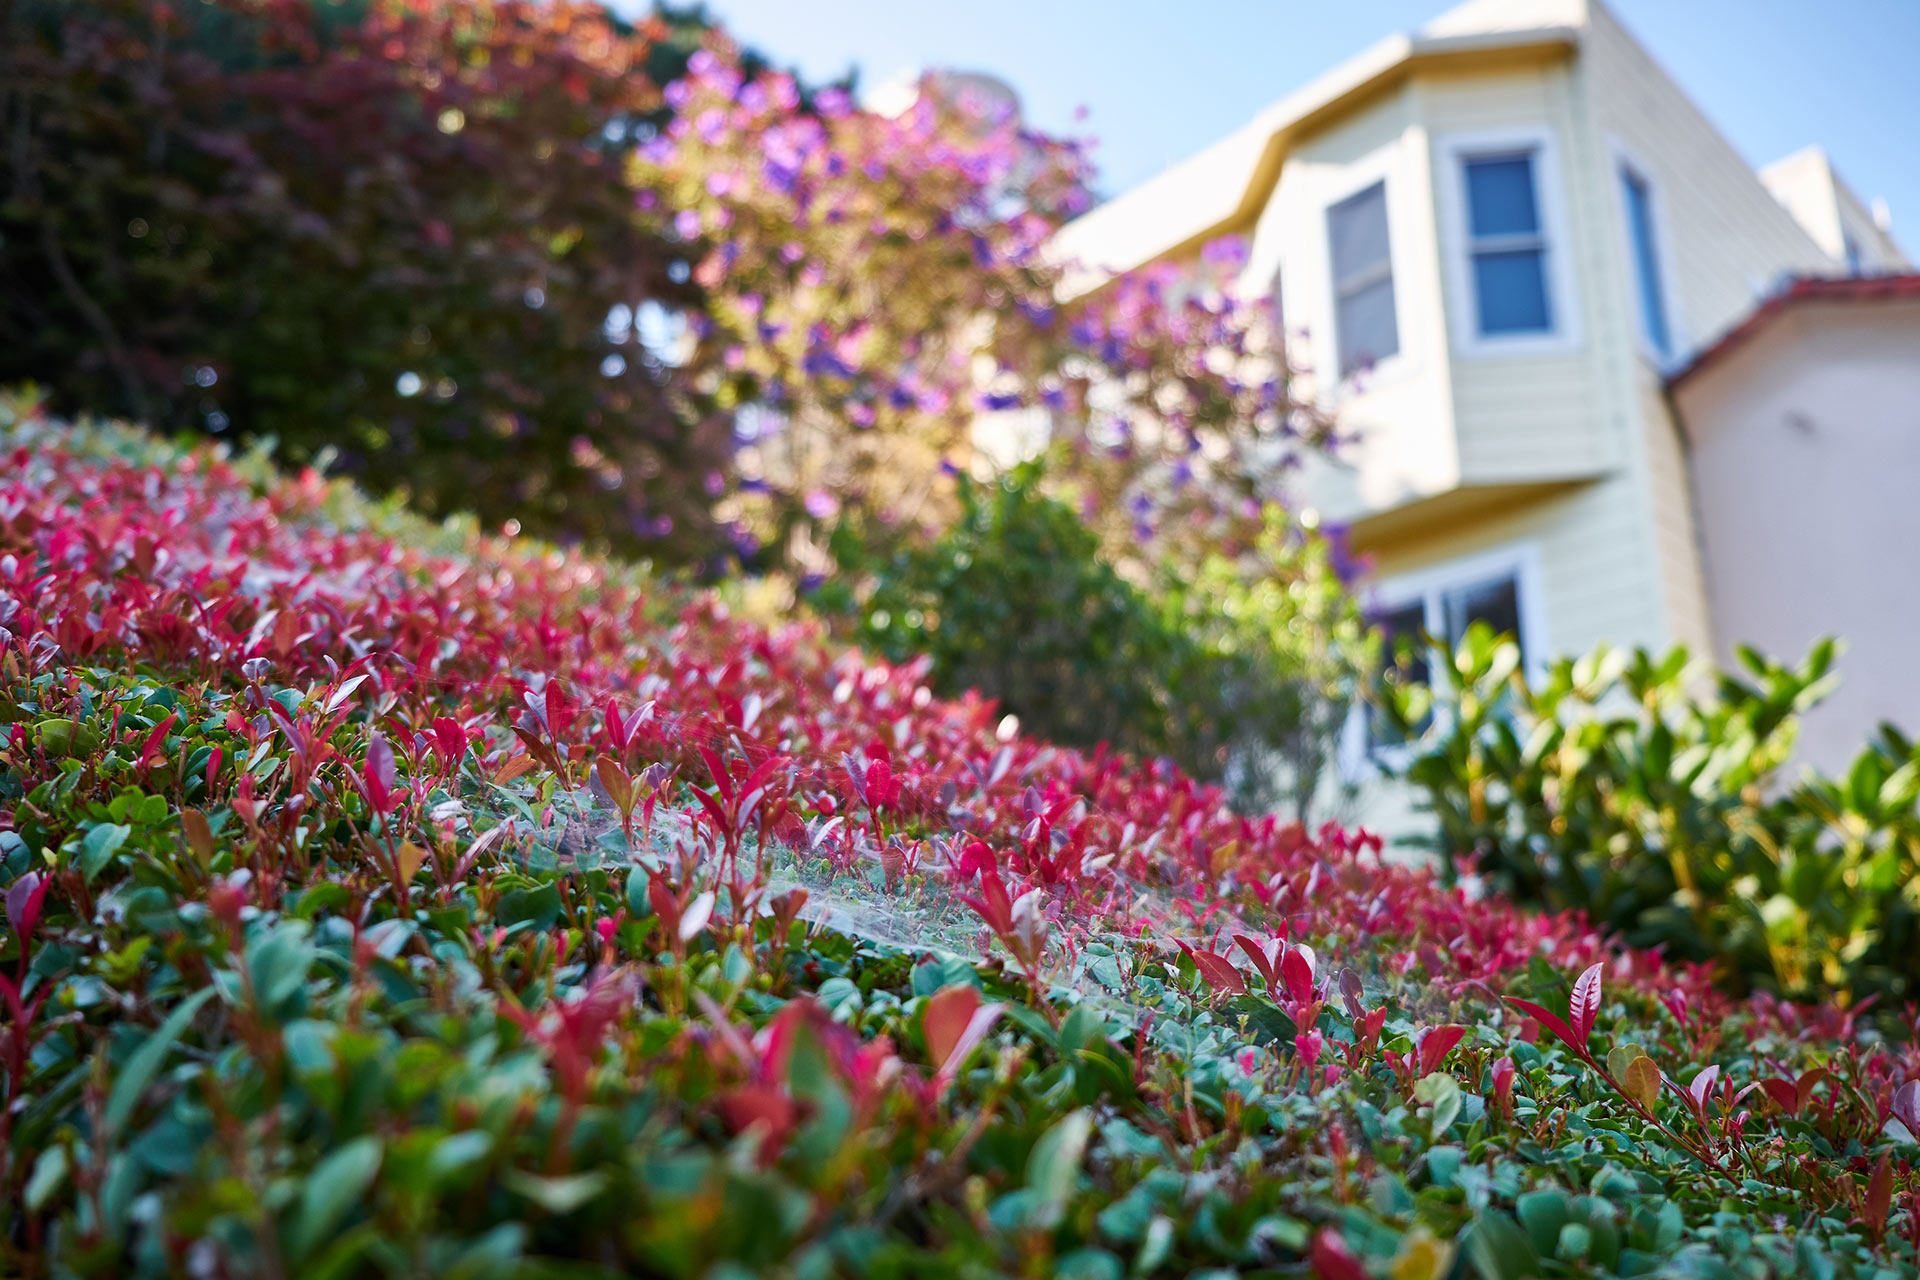 Filbert Steps -portaikon puutarhanäkymiä. Kuva: Kārlis Dambrāns, Flickr.com, CC BY 2.0.